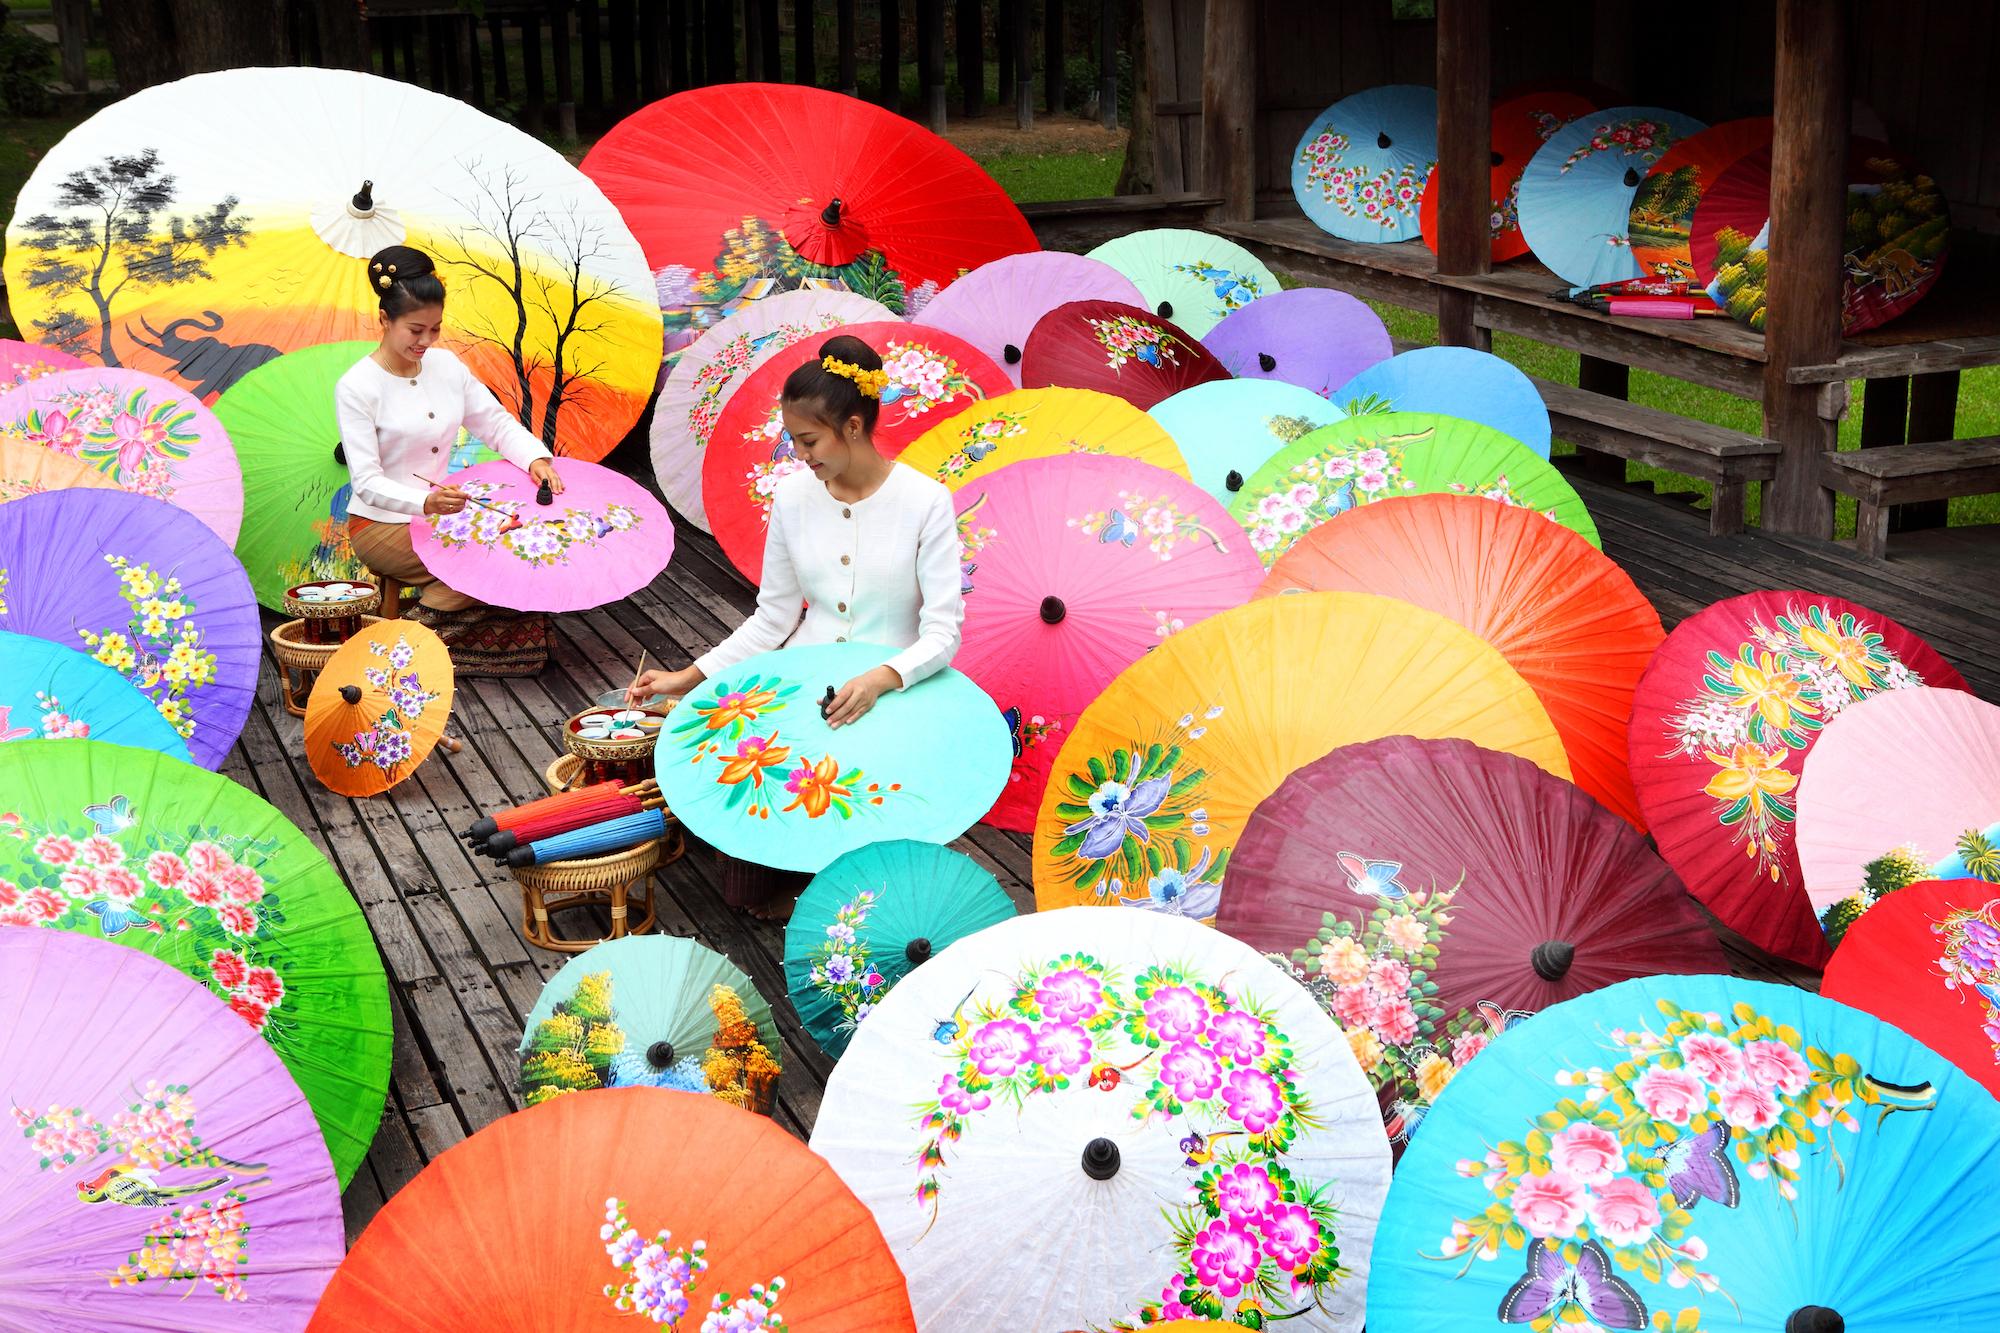 borsang_s_umbrellas-chiang_mai-036ox